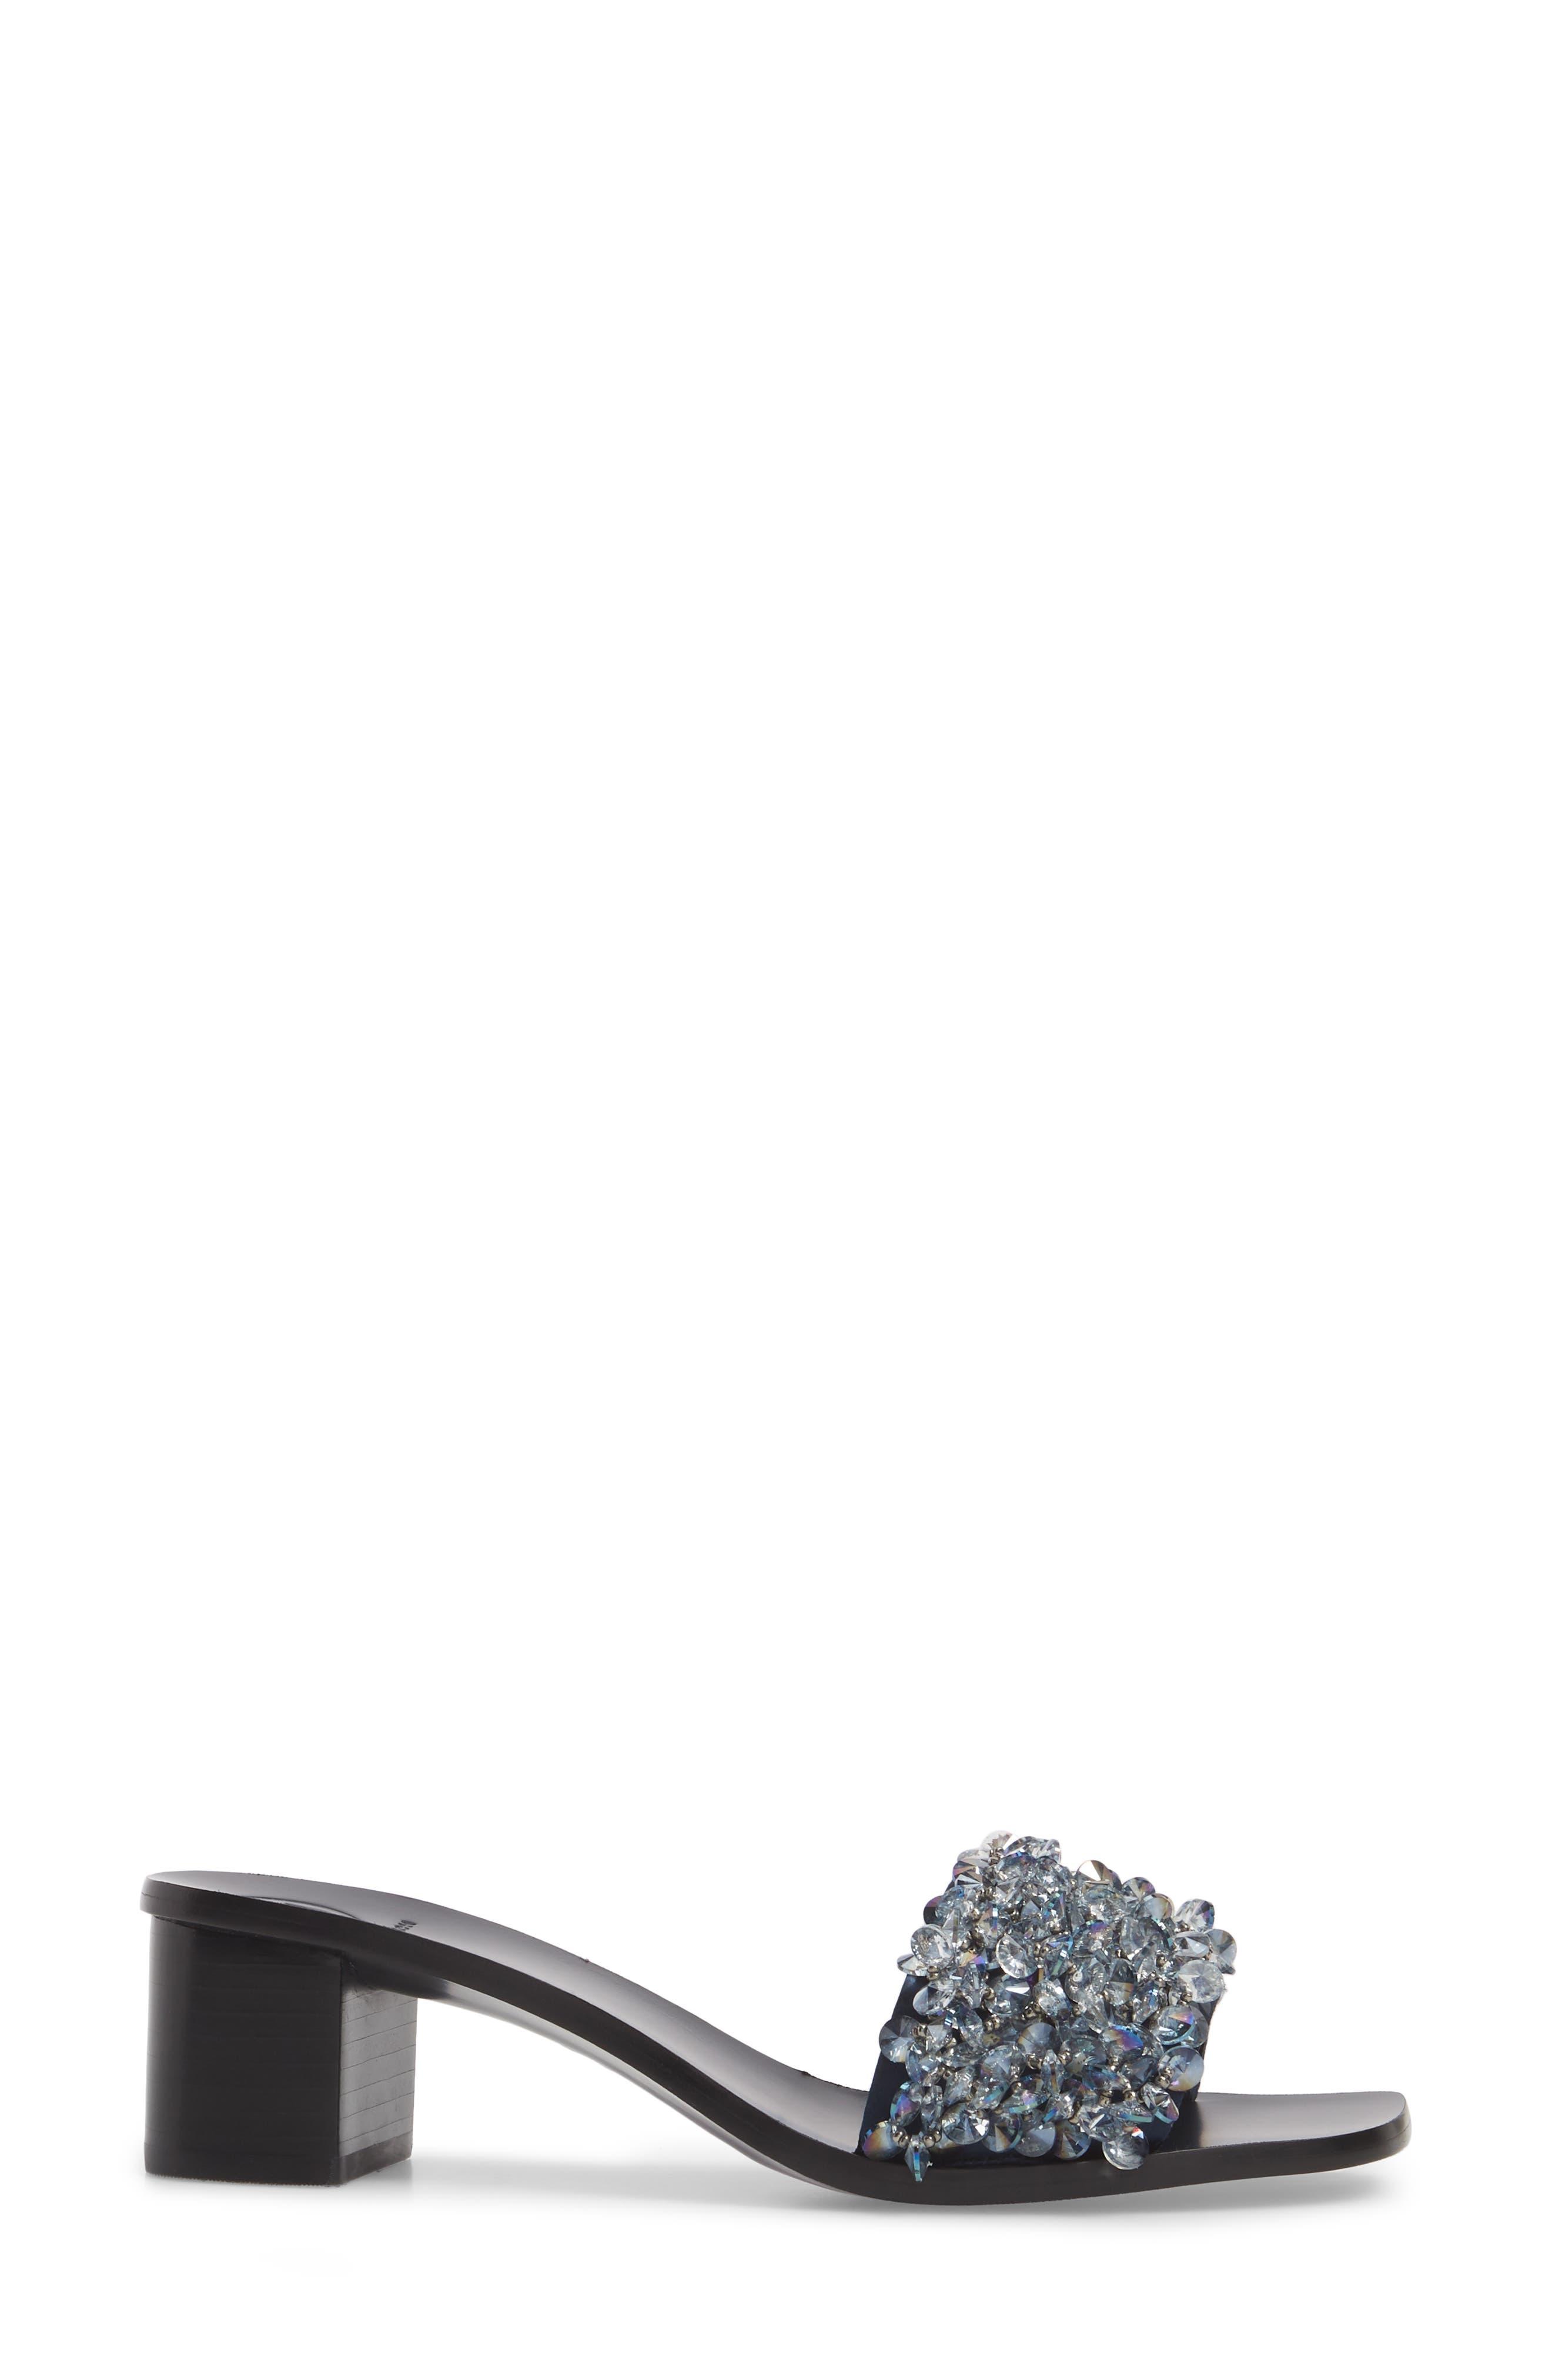 Logan Embellished Slide Sandal,                             Alternate thumbnail 3, color,                             022